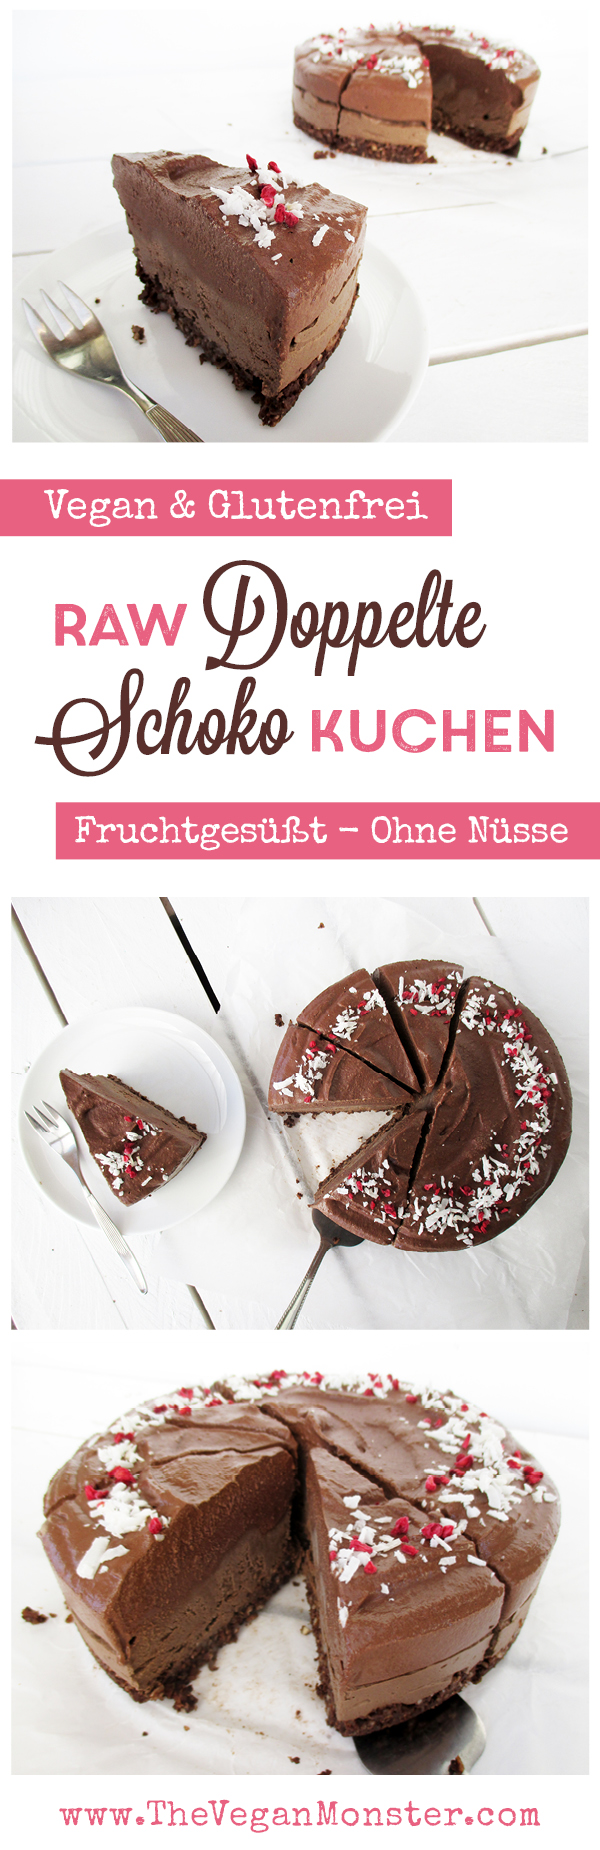 Doppelter Schoko Kuchen Vegan Glutenfrei Ohne Nusse Ohne